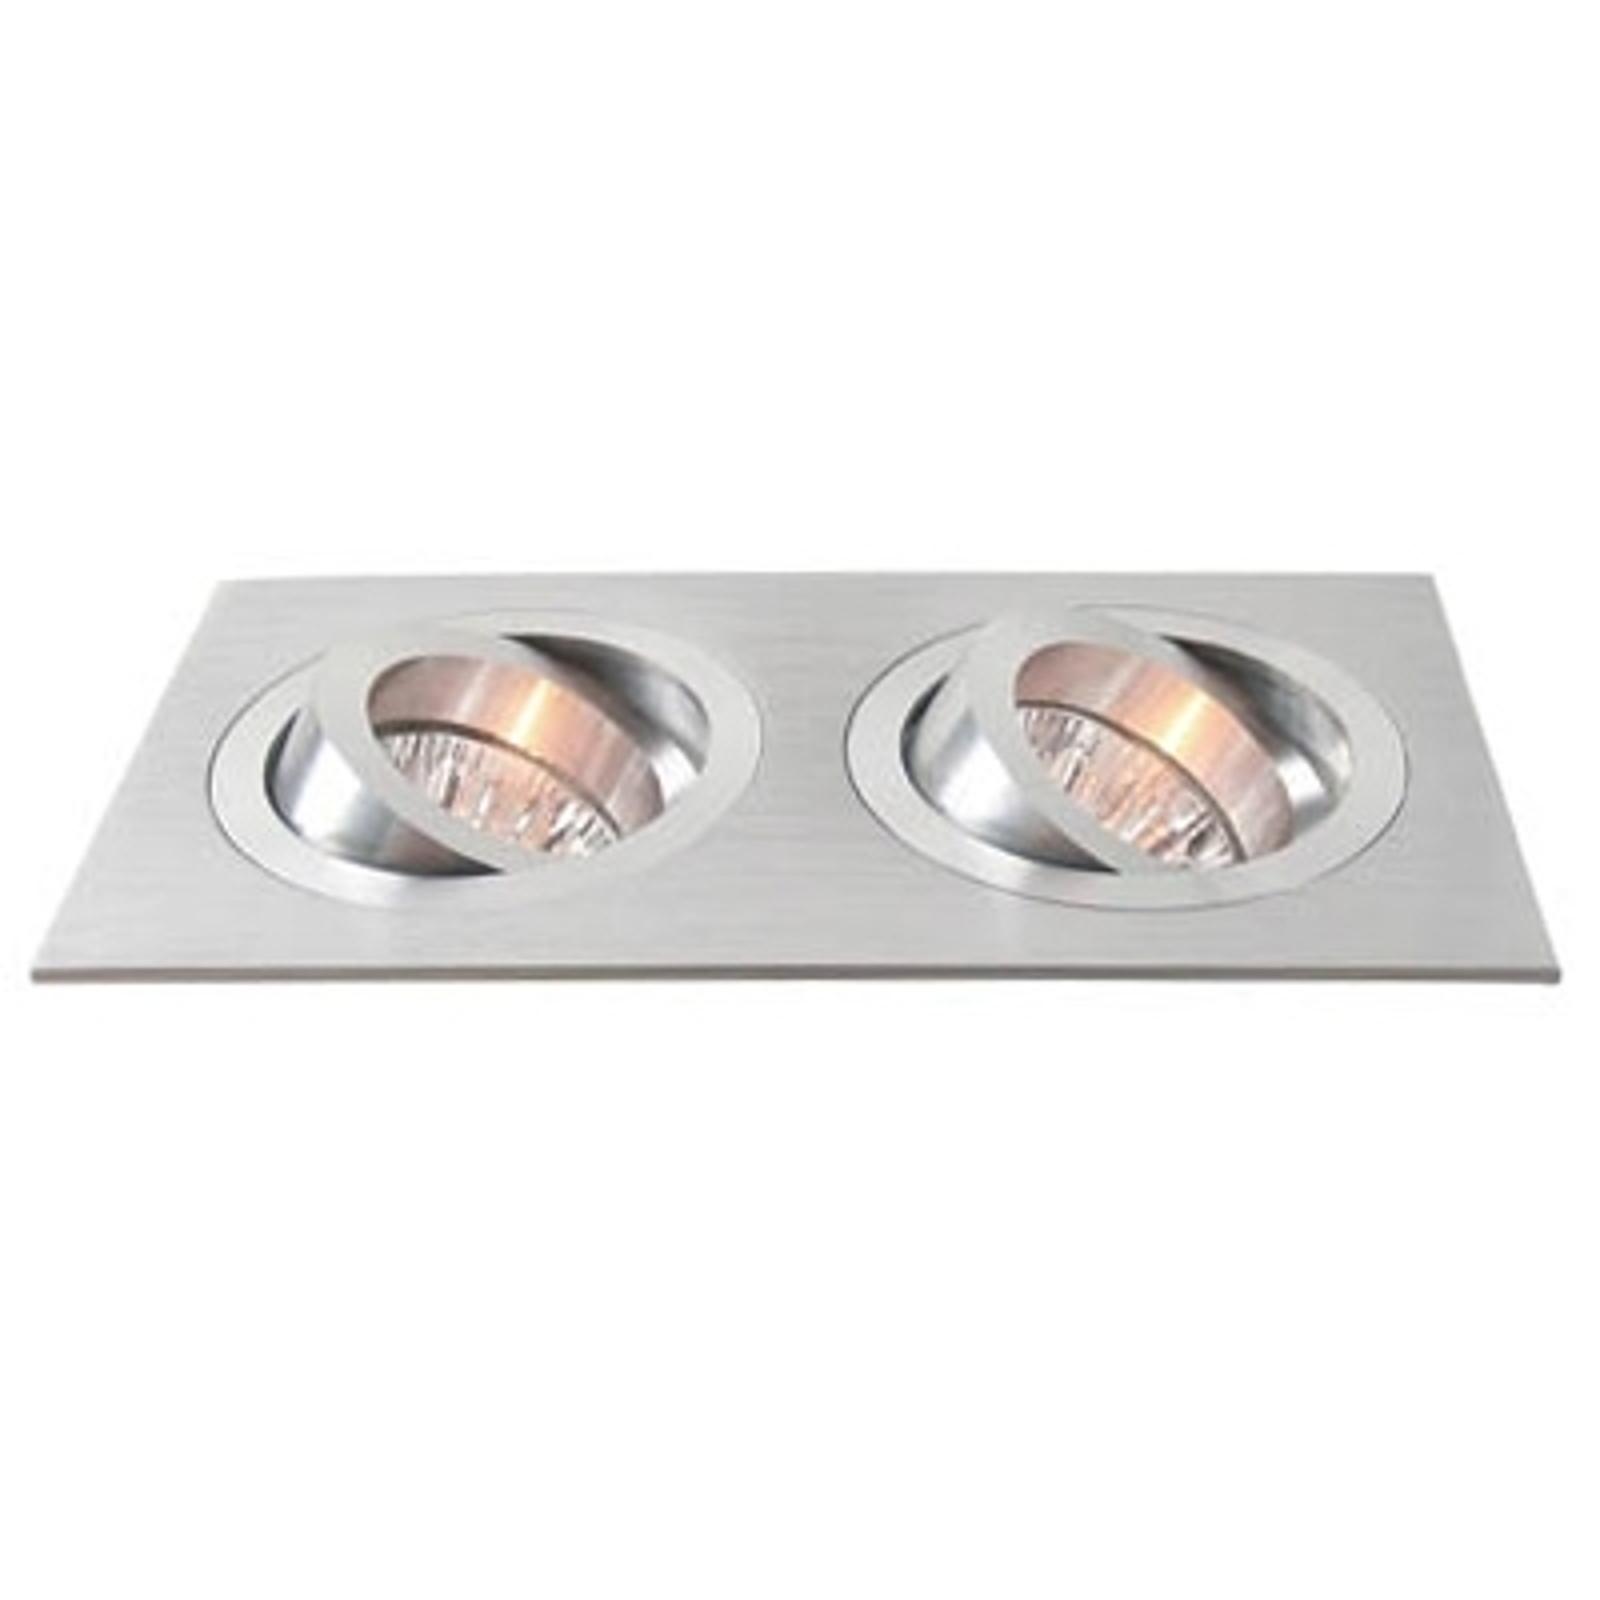 Svingbar monteringsring i aluminium og med to lys